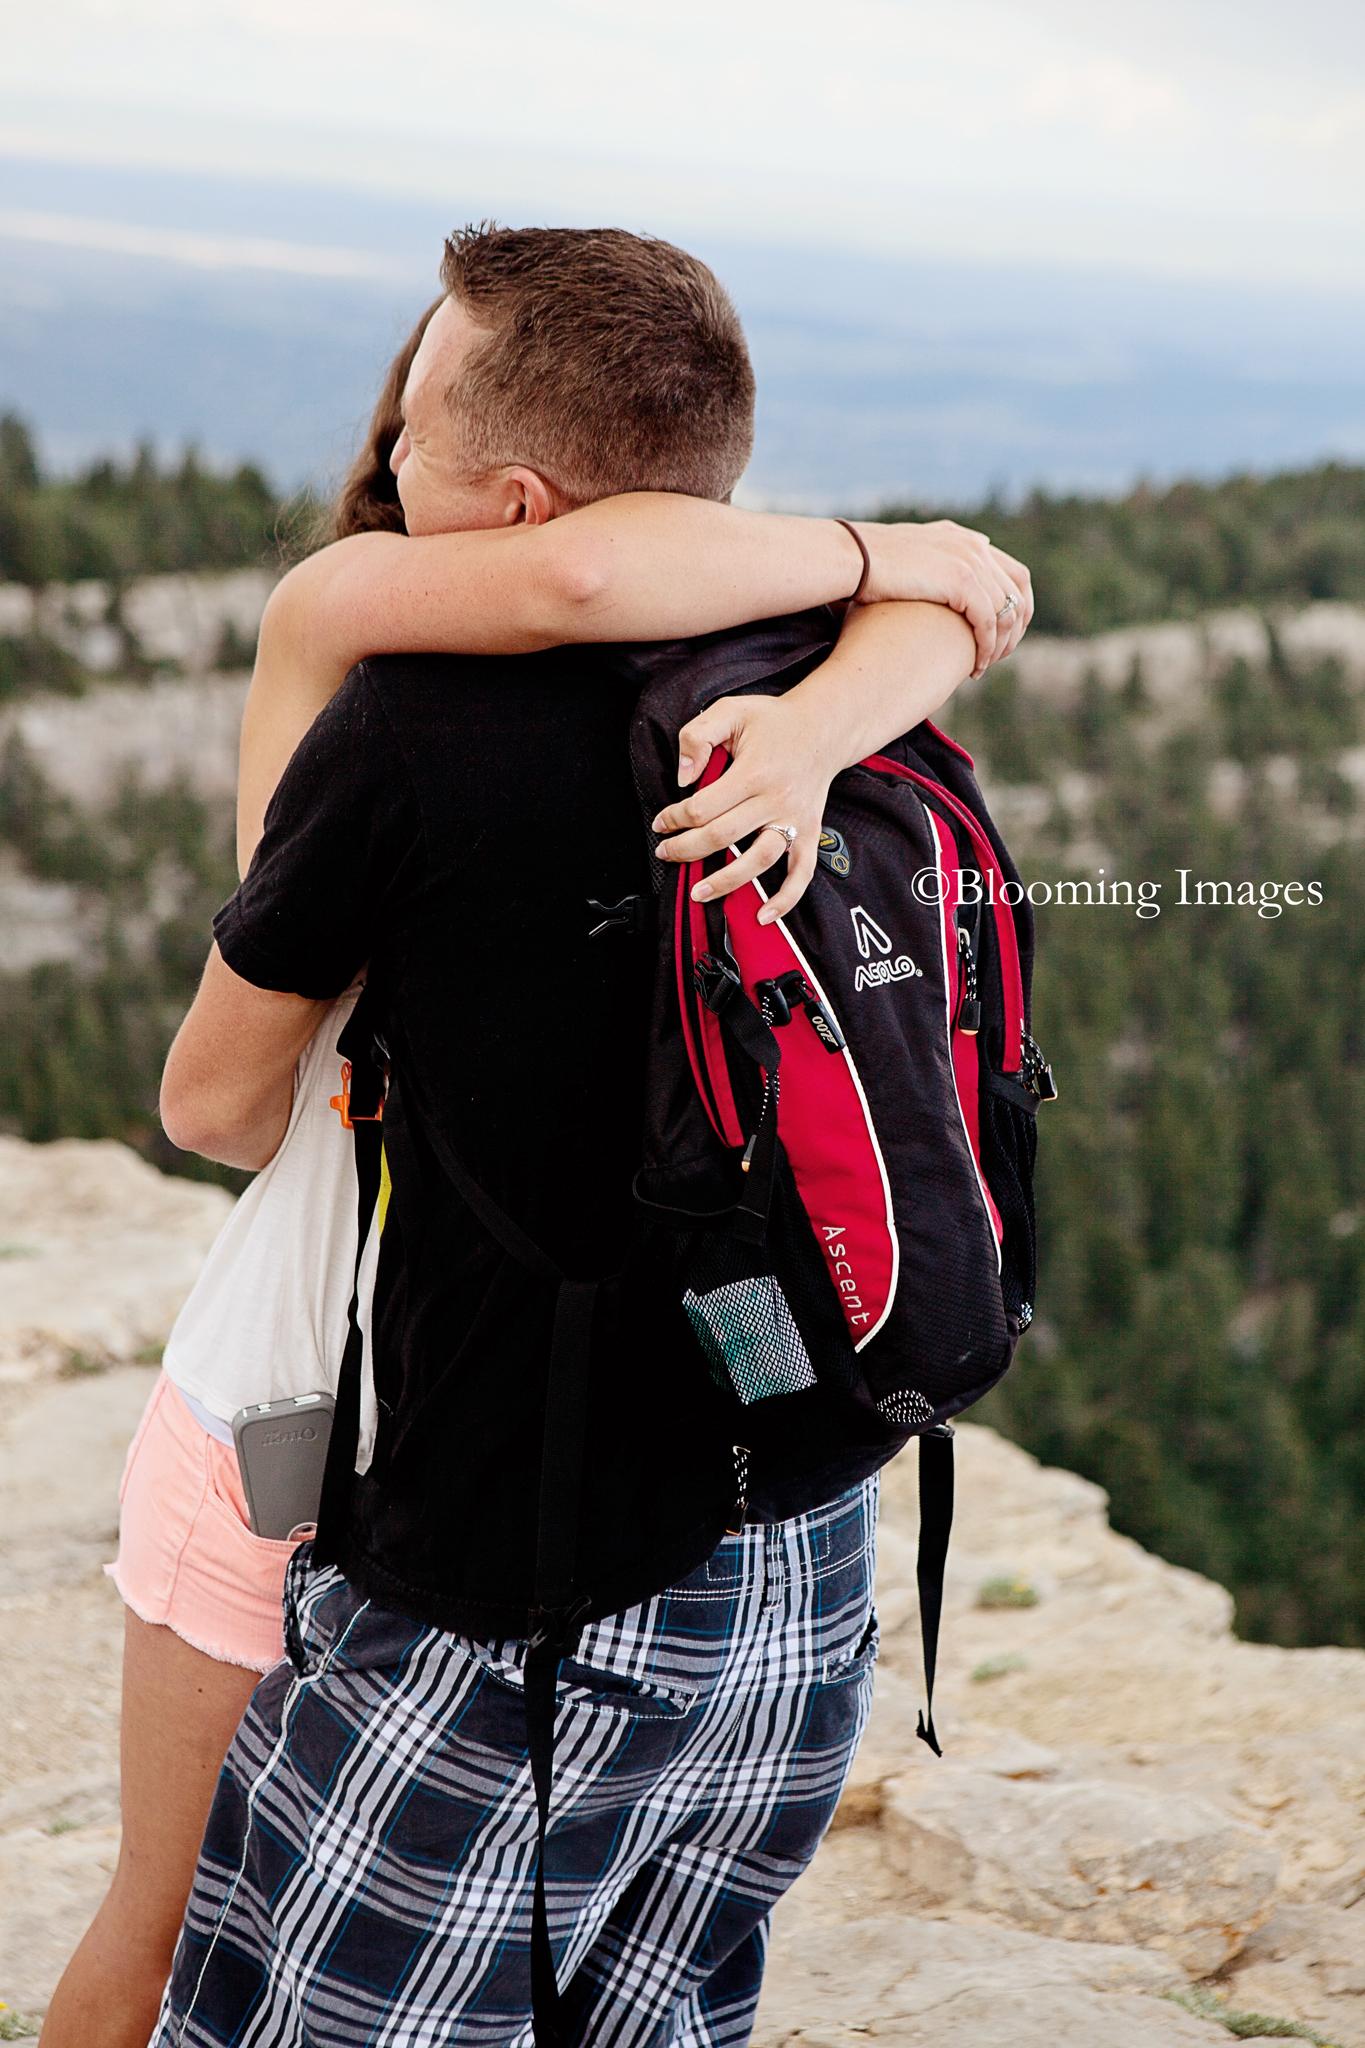 Albuquerque Photographer, proposal photographer, proposal pictures